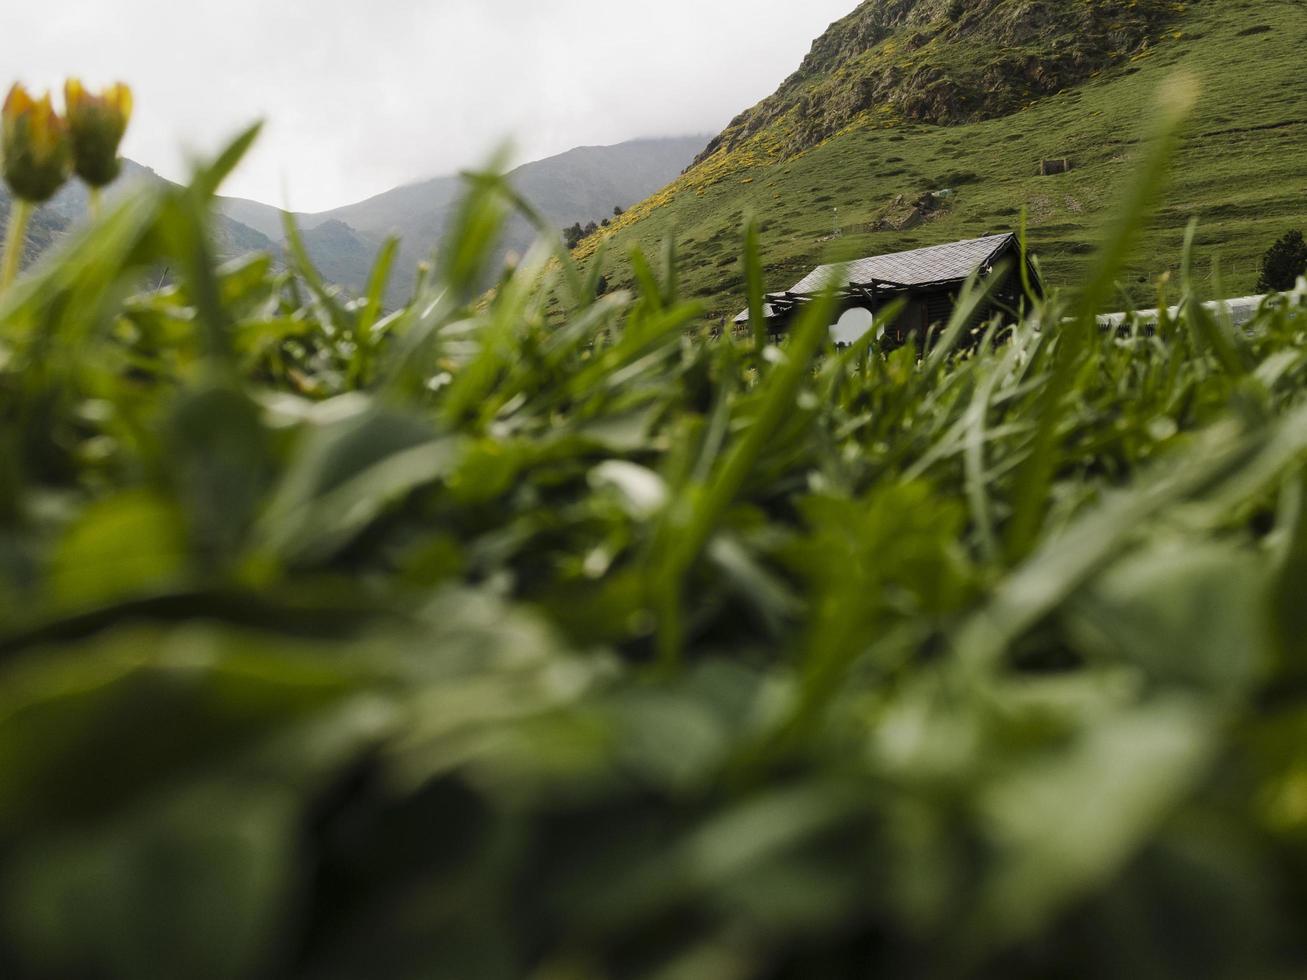 Close up details grass field photo